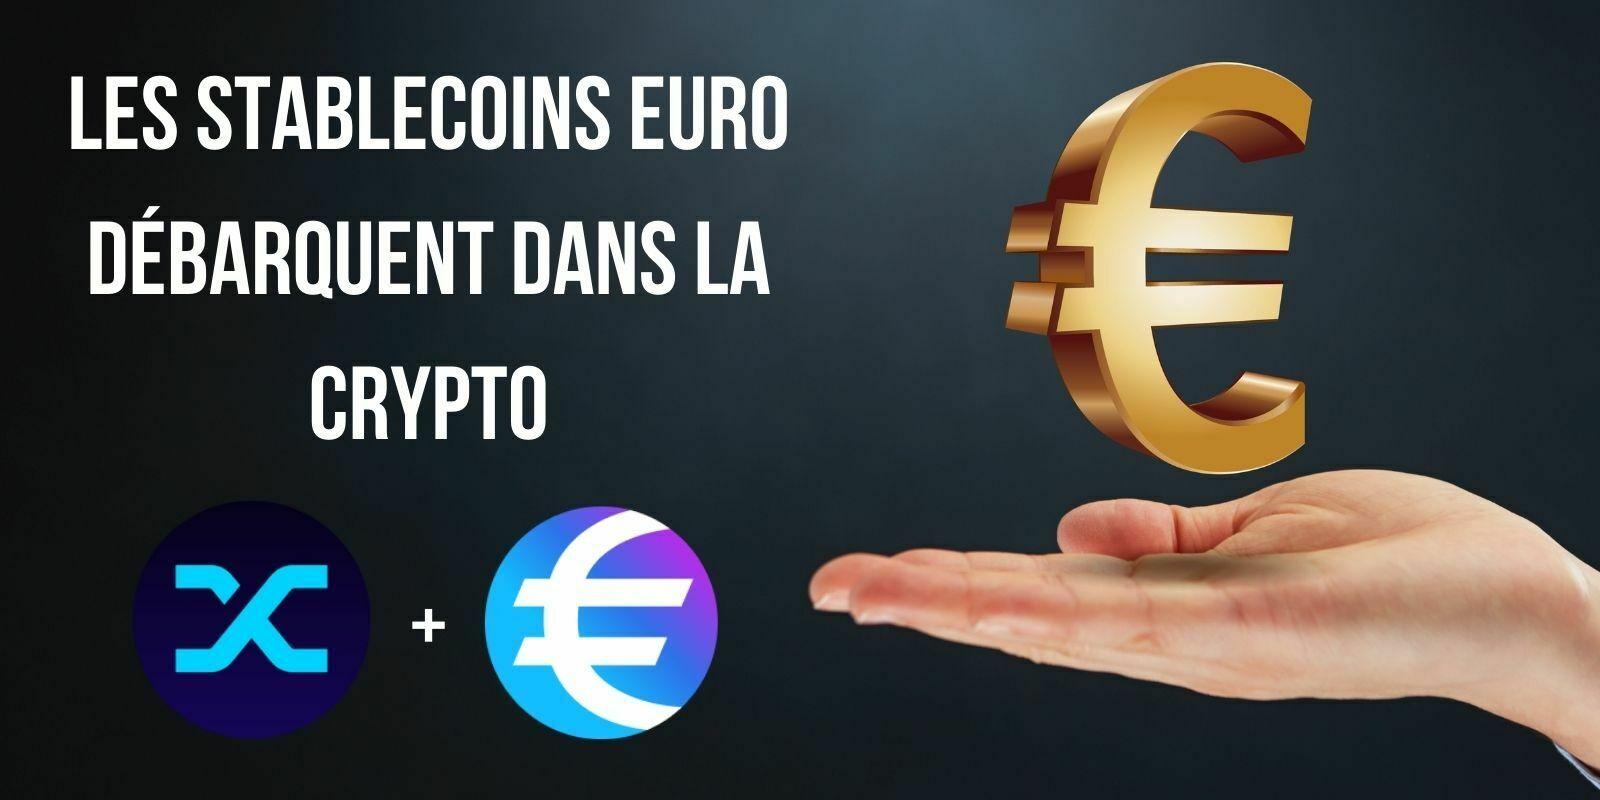 Les stablecoins euros se font une place dans l'écosystème DeFi